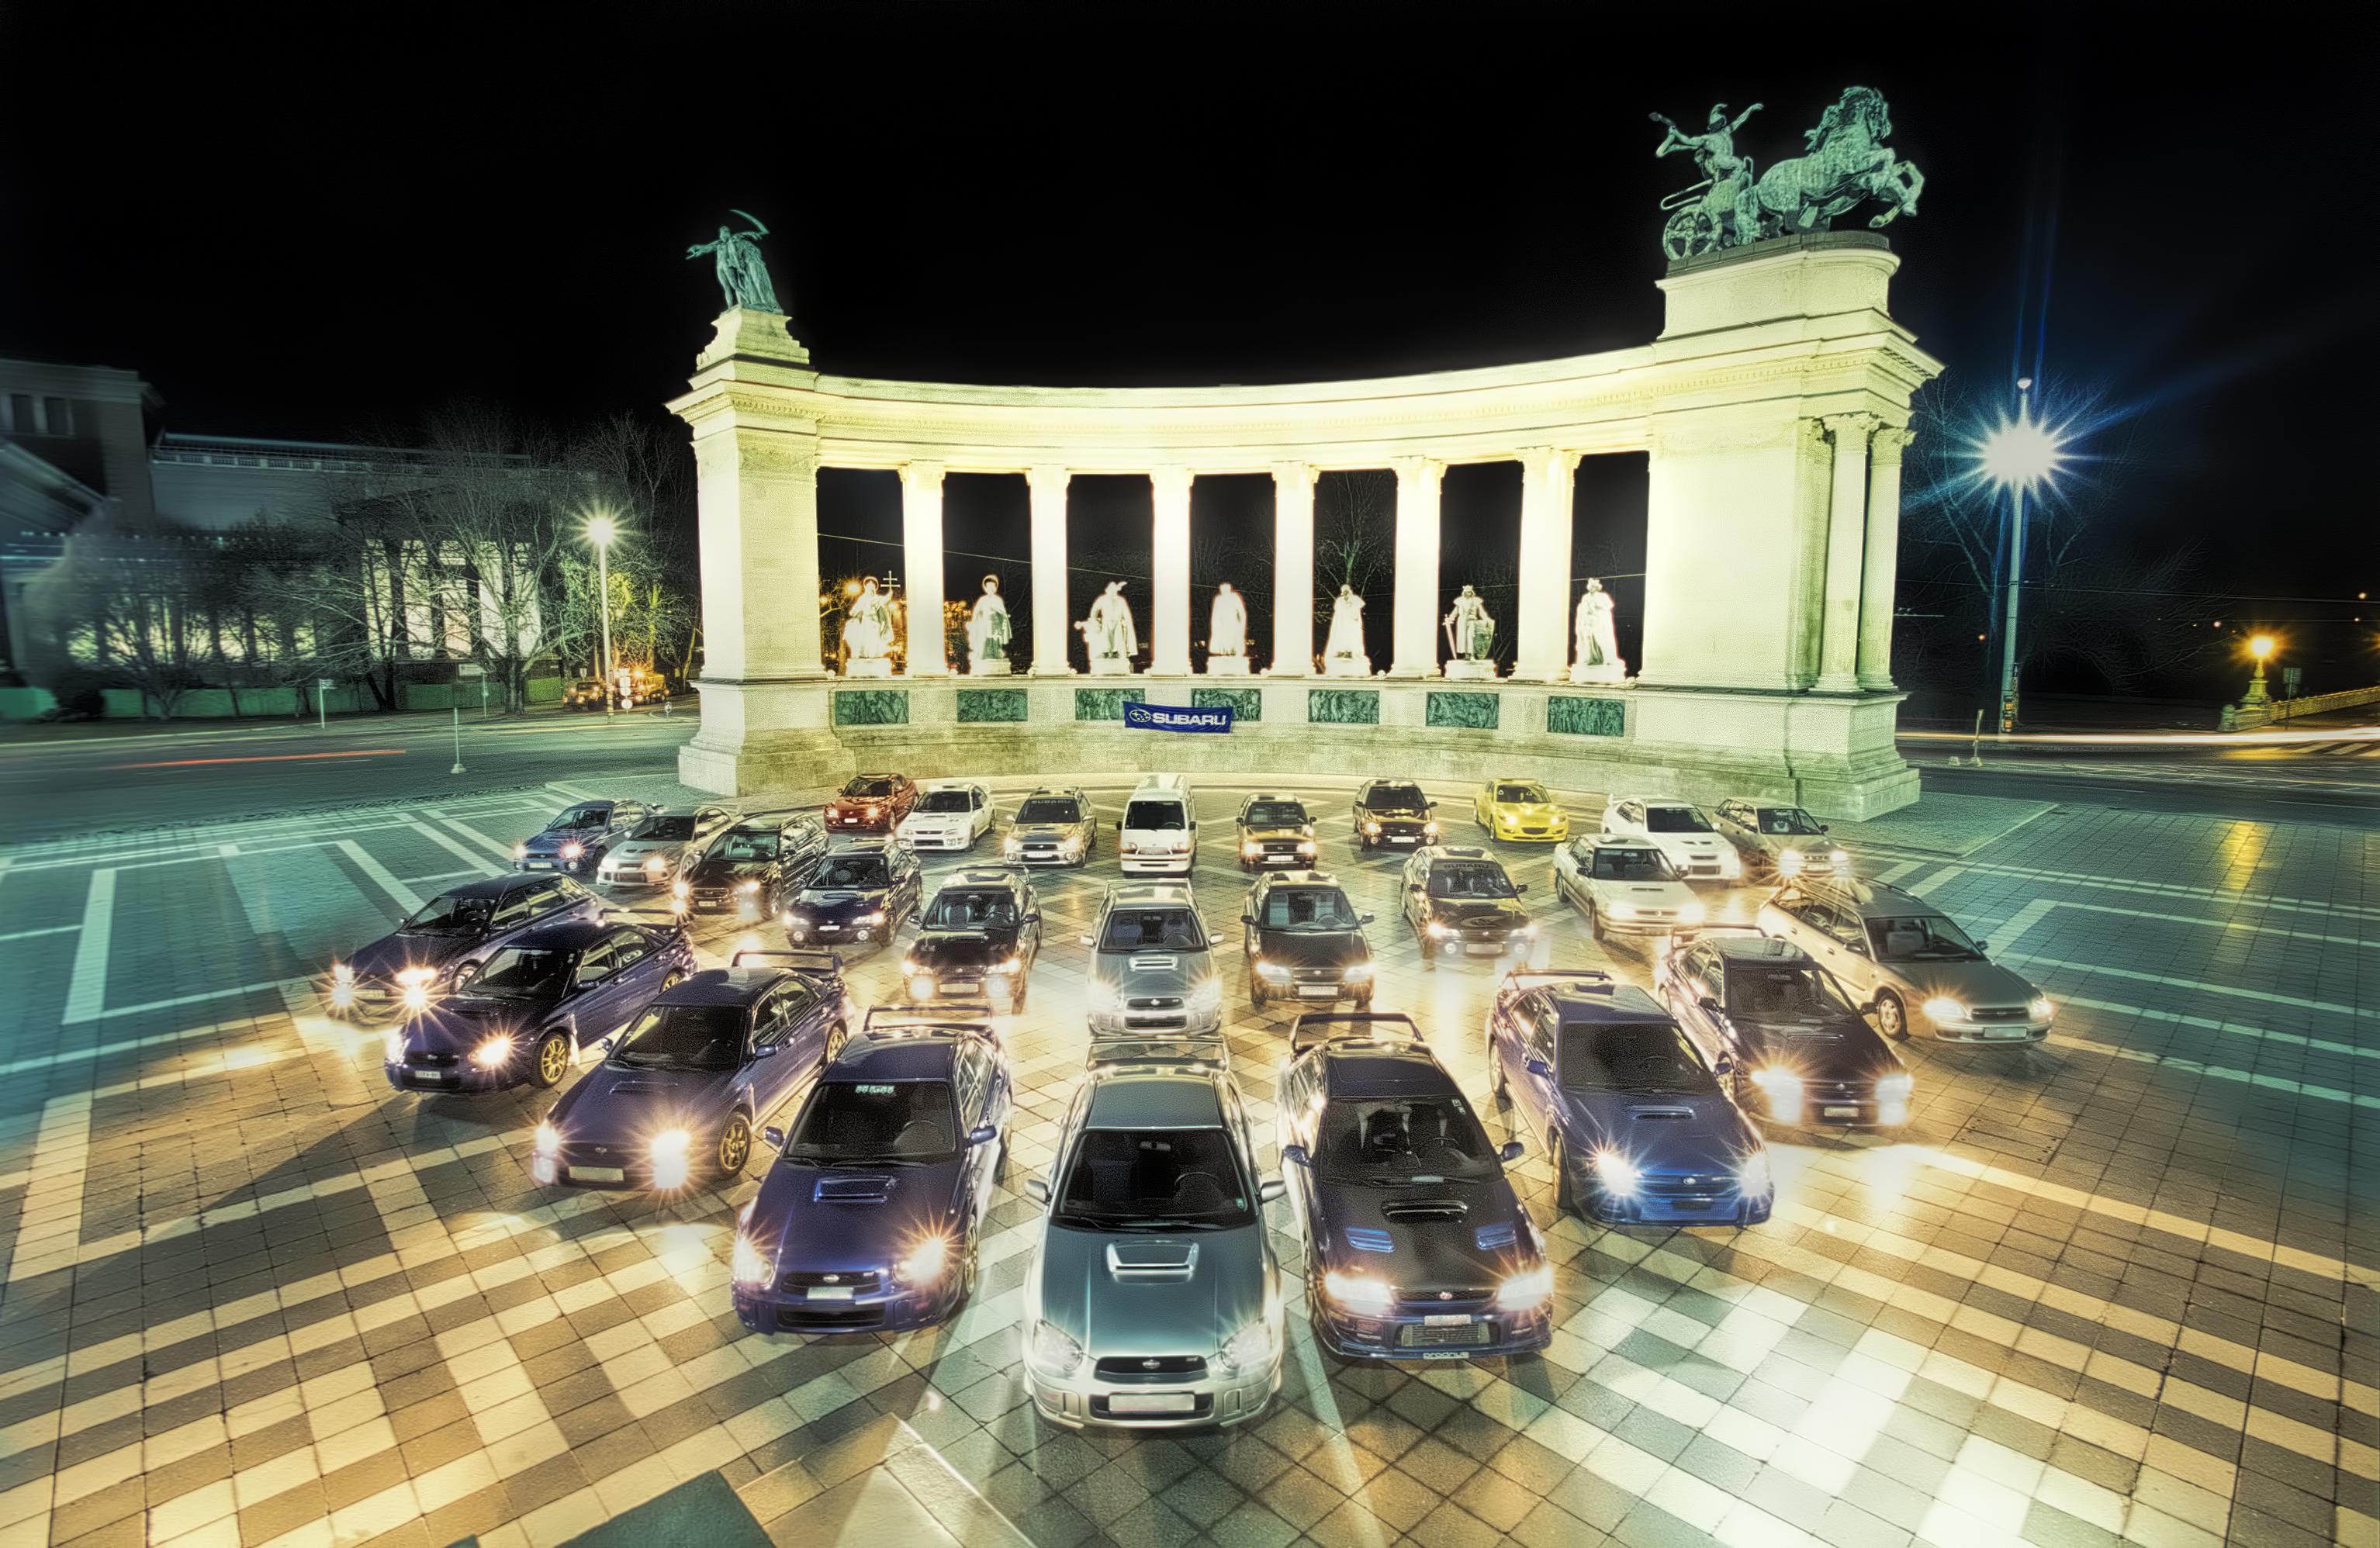 Üdvözlünk az Első Magyar SubaruKlub oldalain!